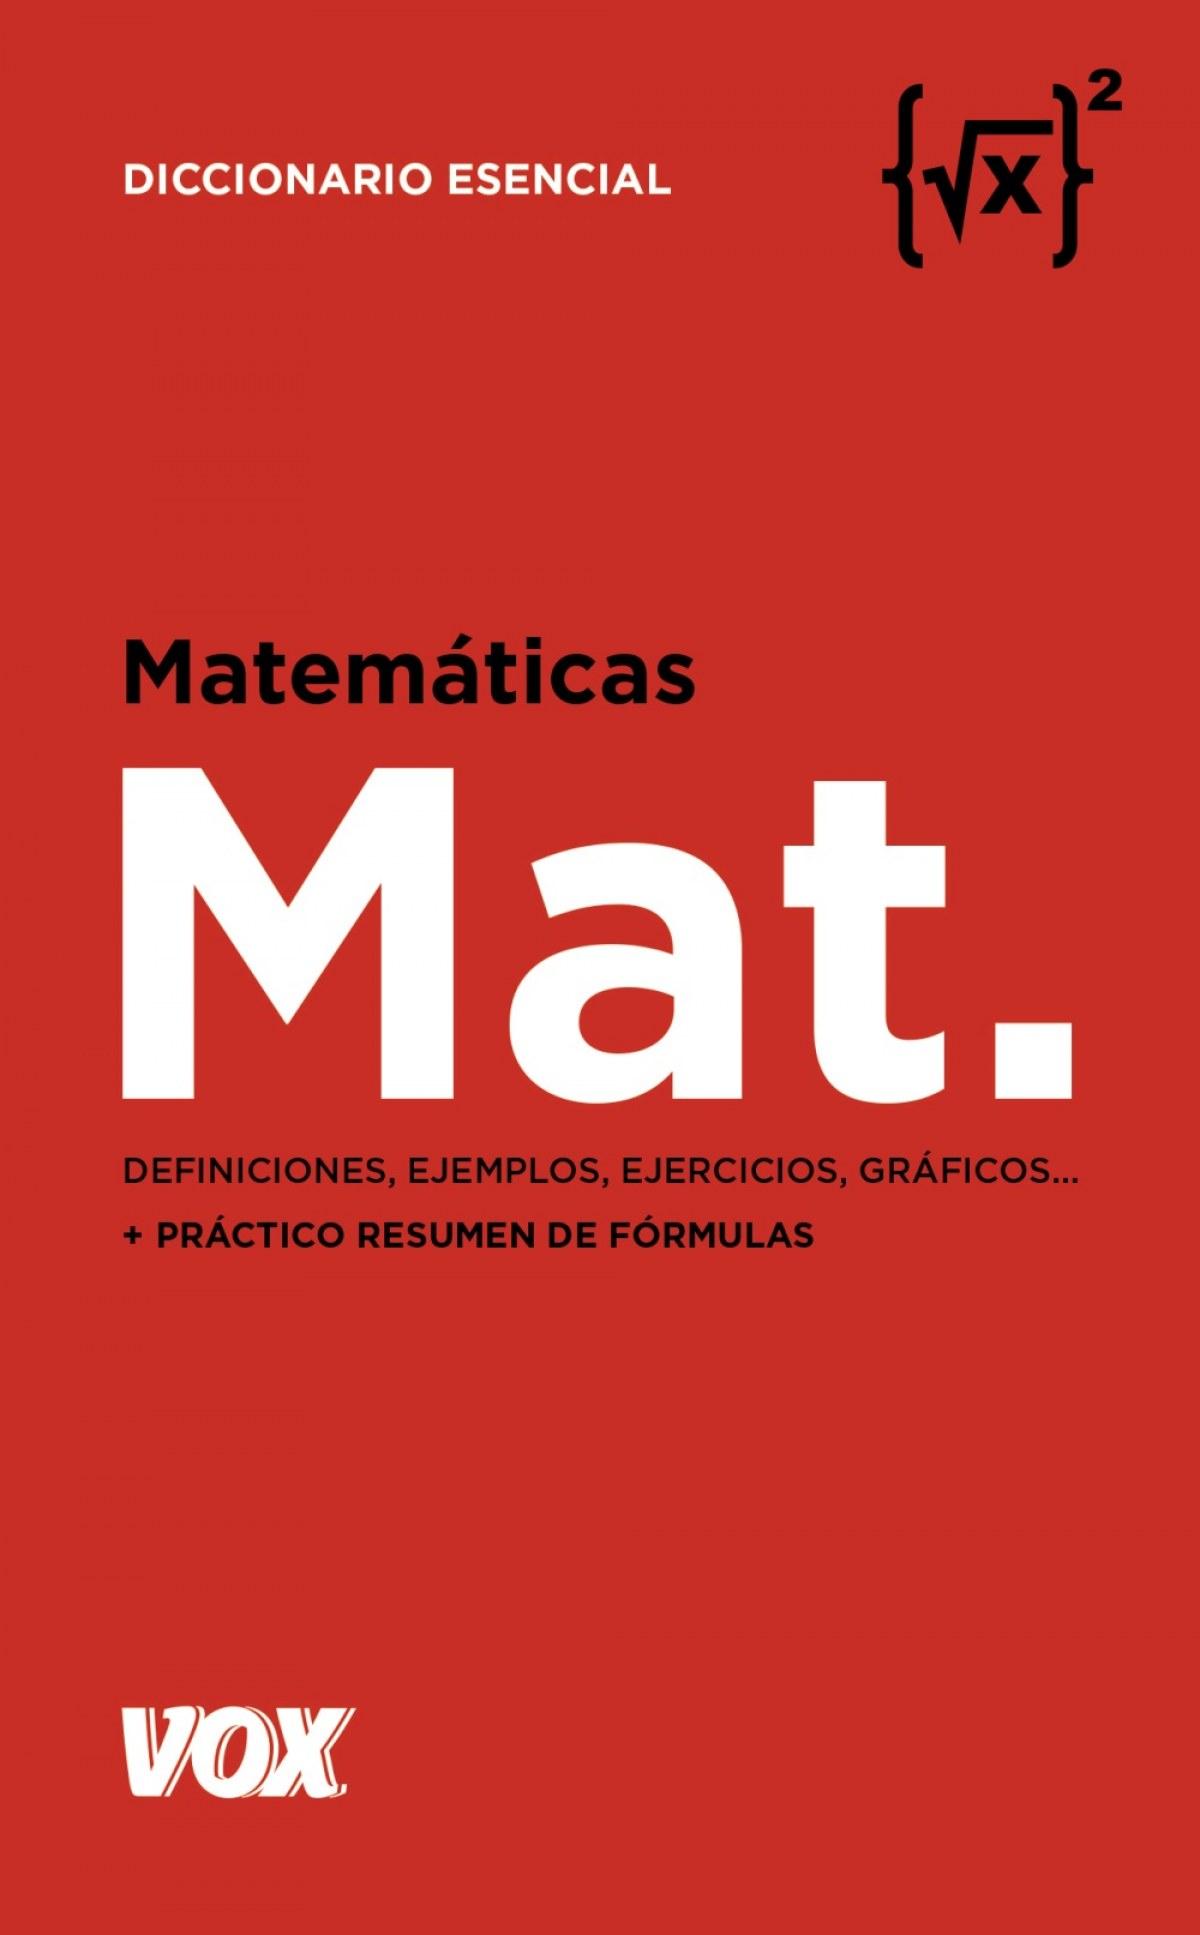 MATEMÁTICAS 9788499743110